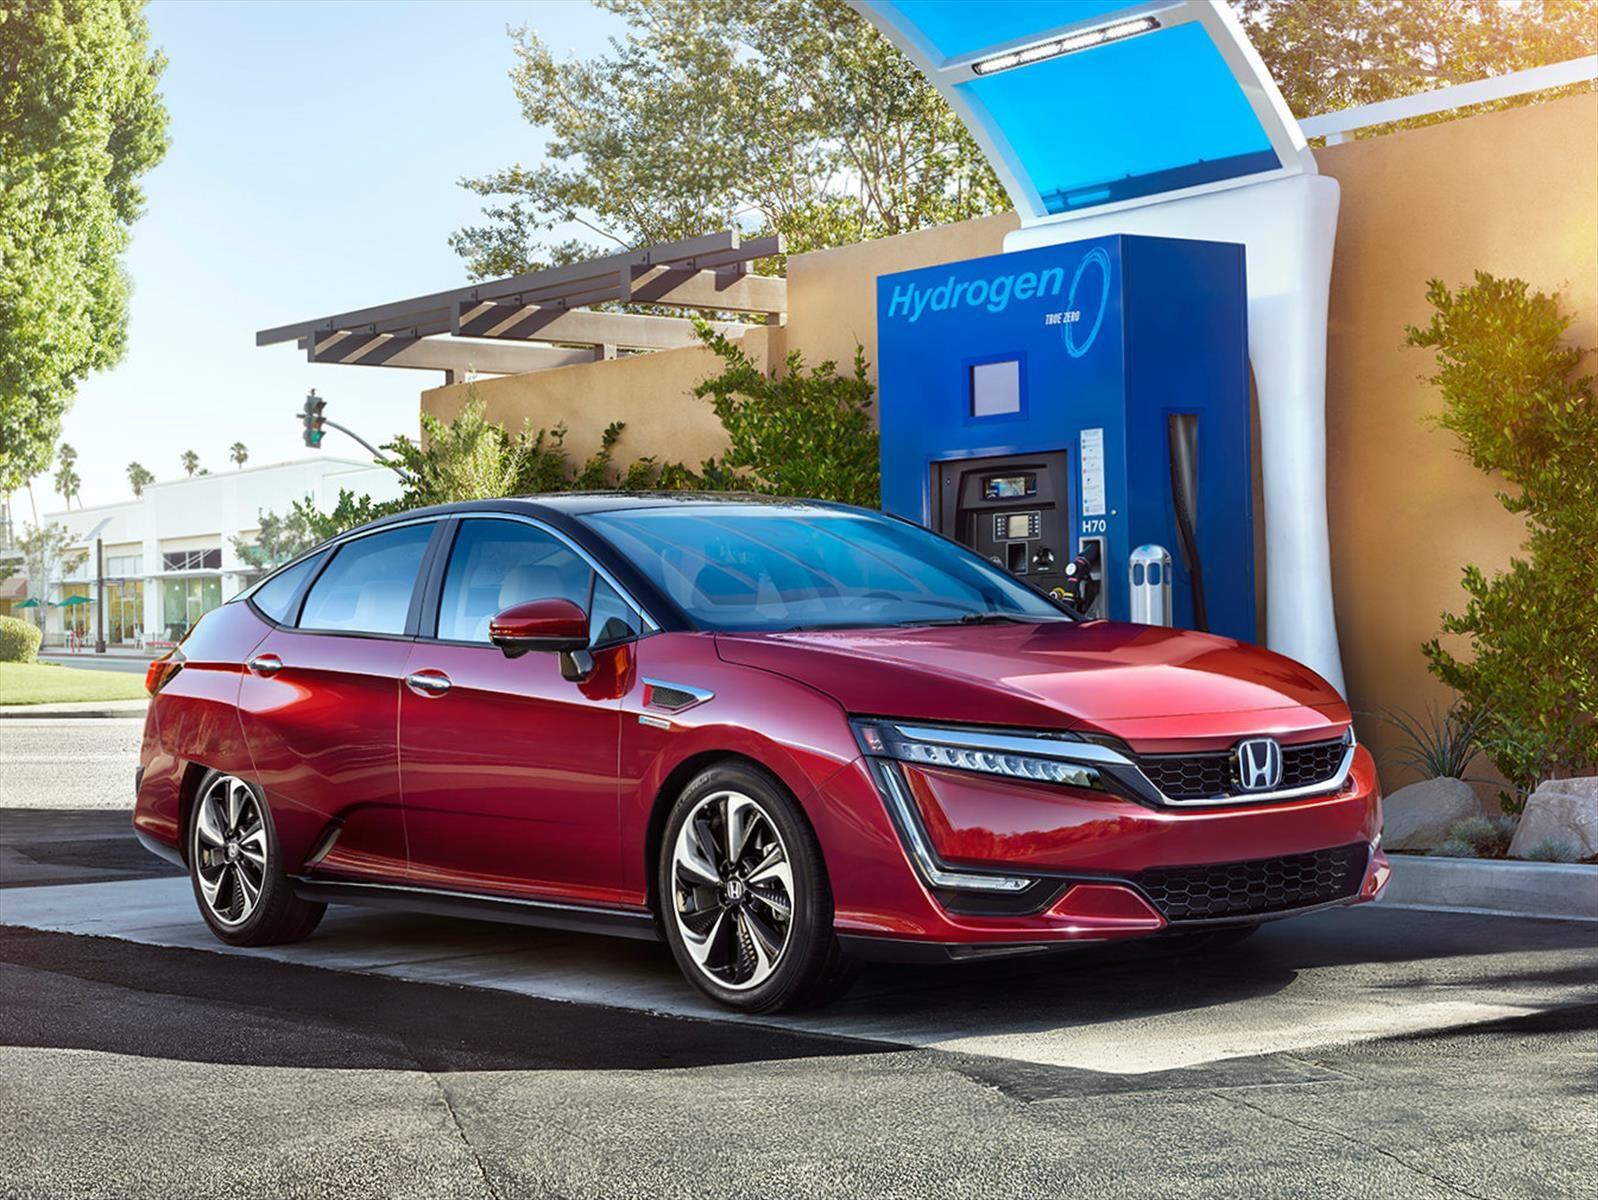 Empresarios impulsarán infraestructura de carros de hidrógeno